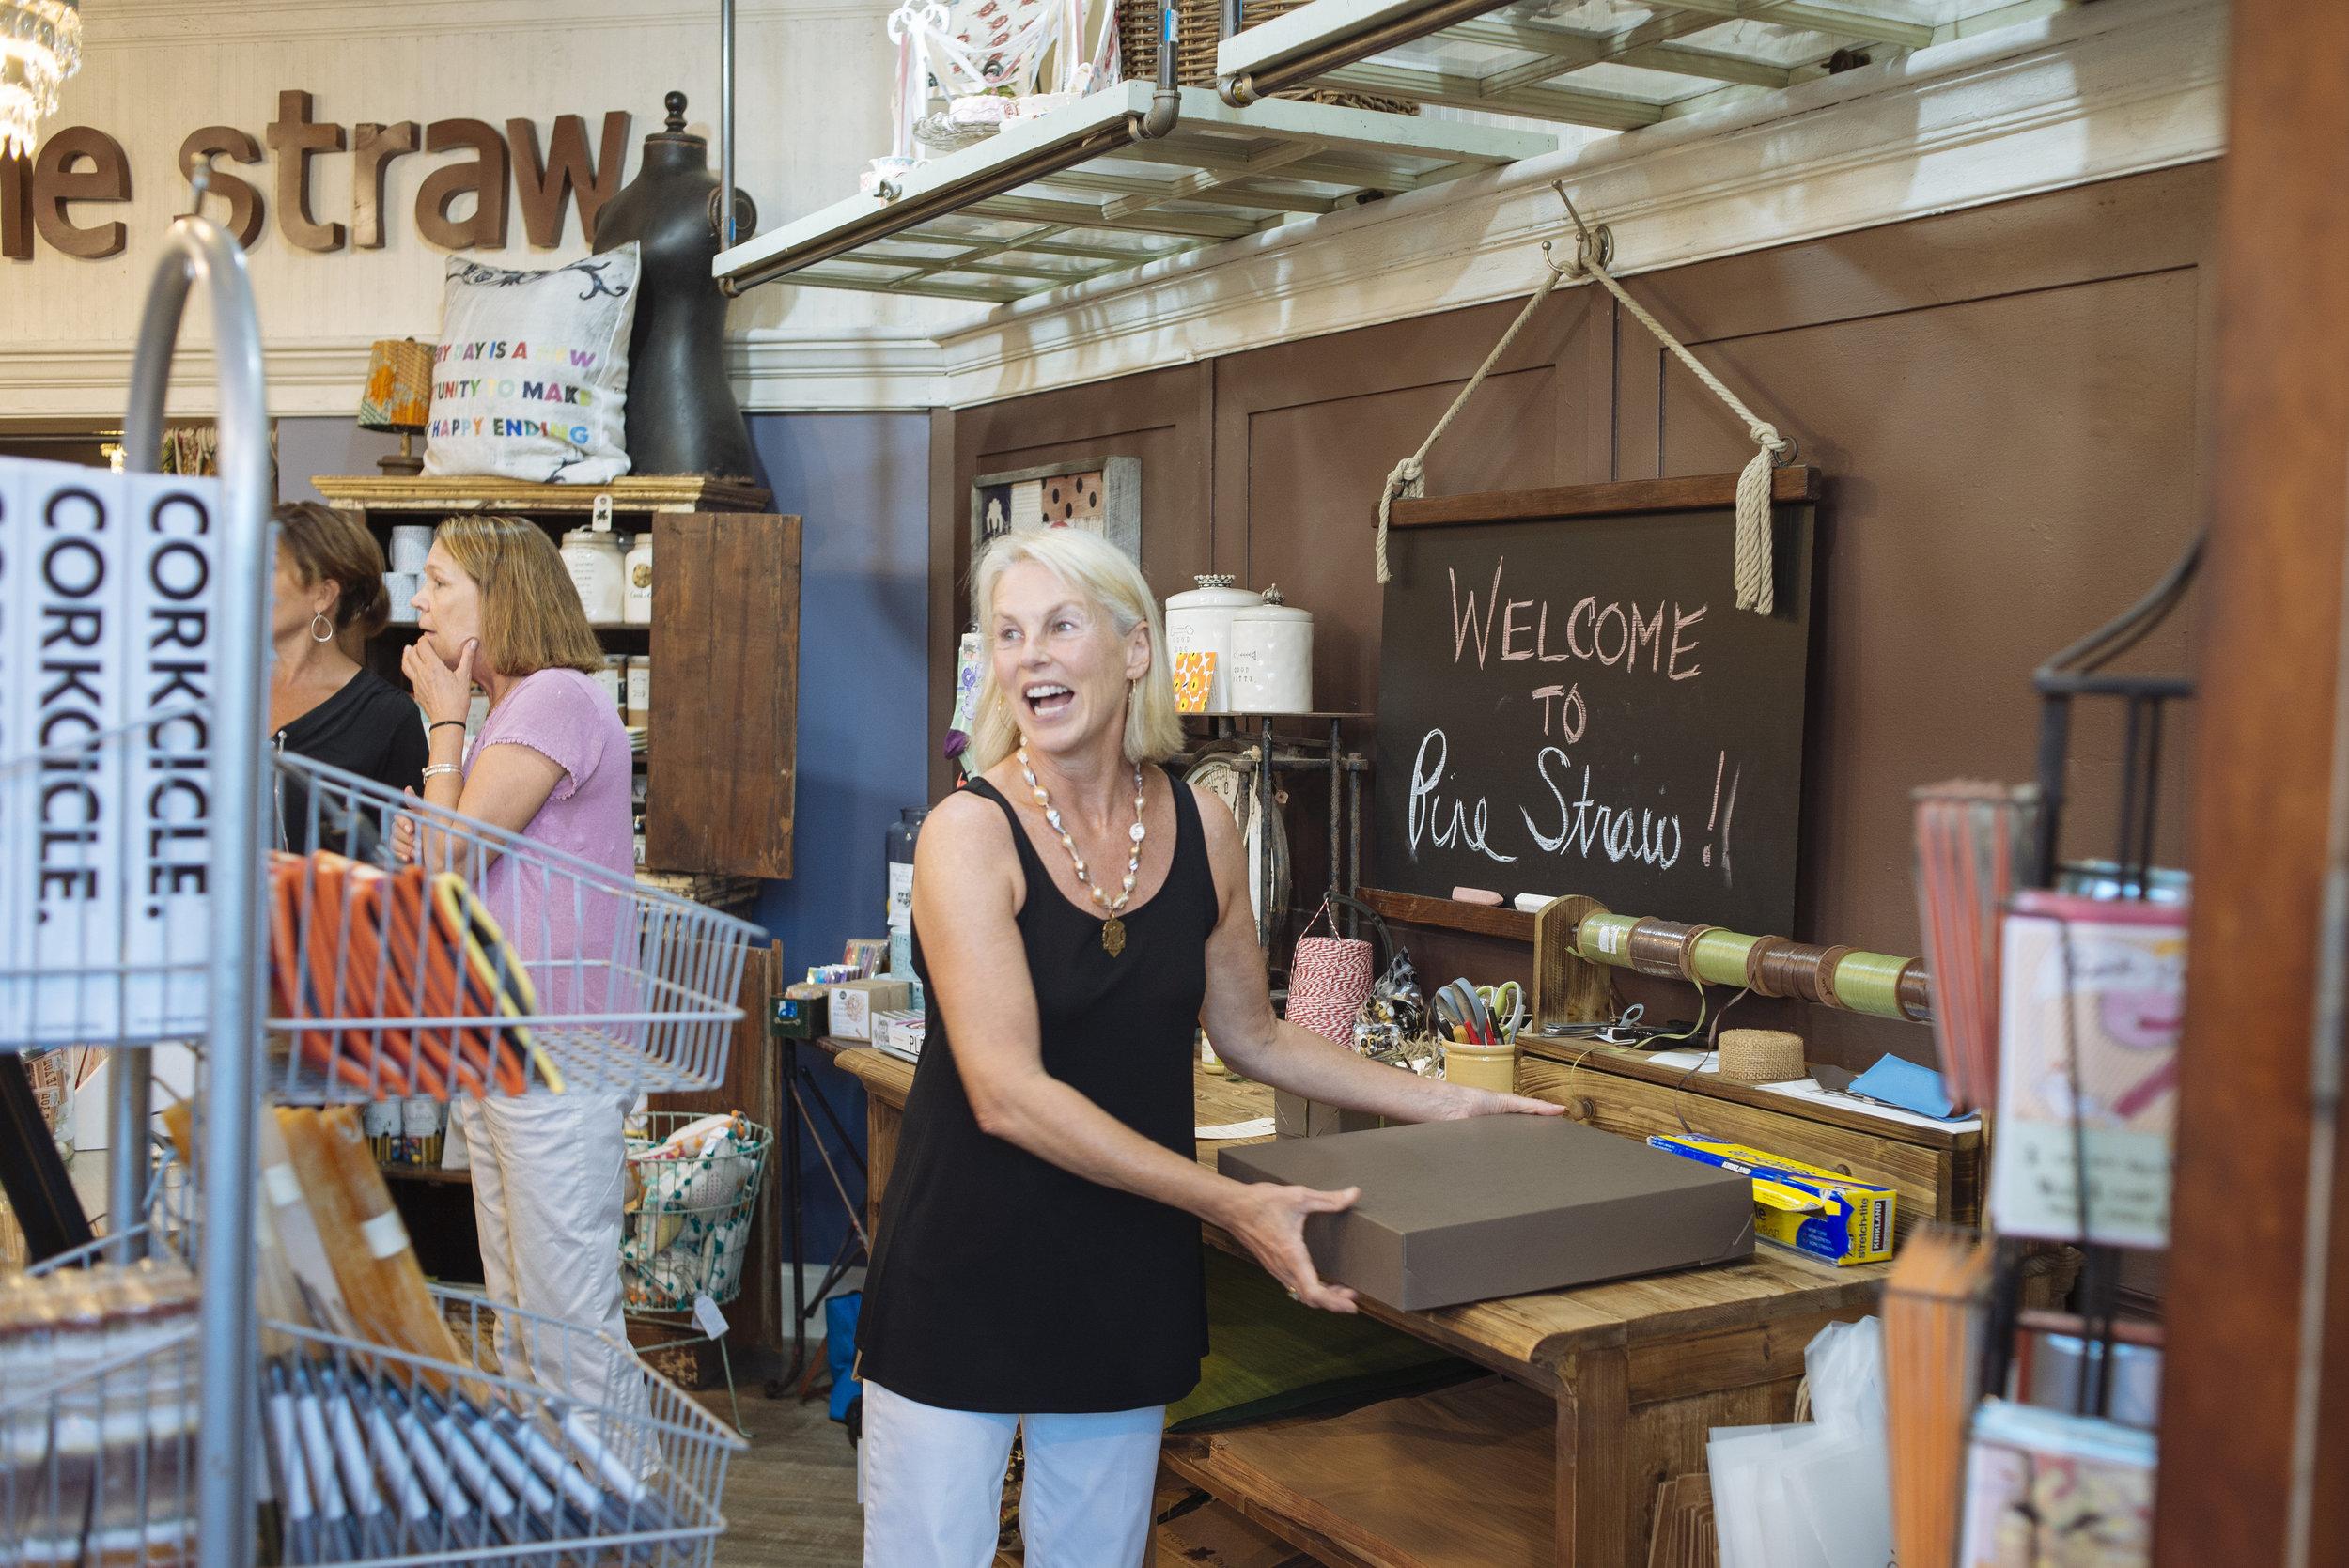 Pine Straw Waban Grand Opening Event-PineStraw opening-0050.jpg